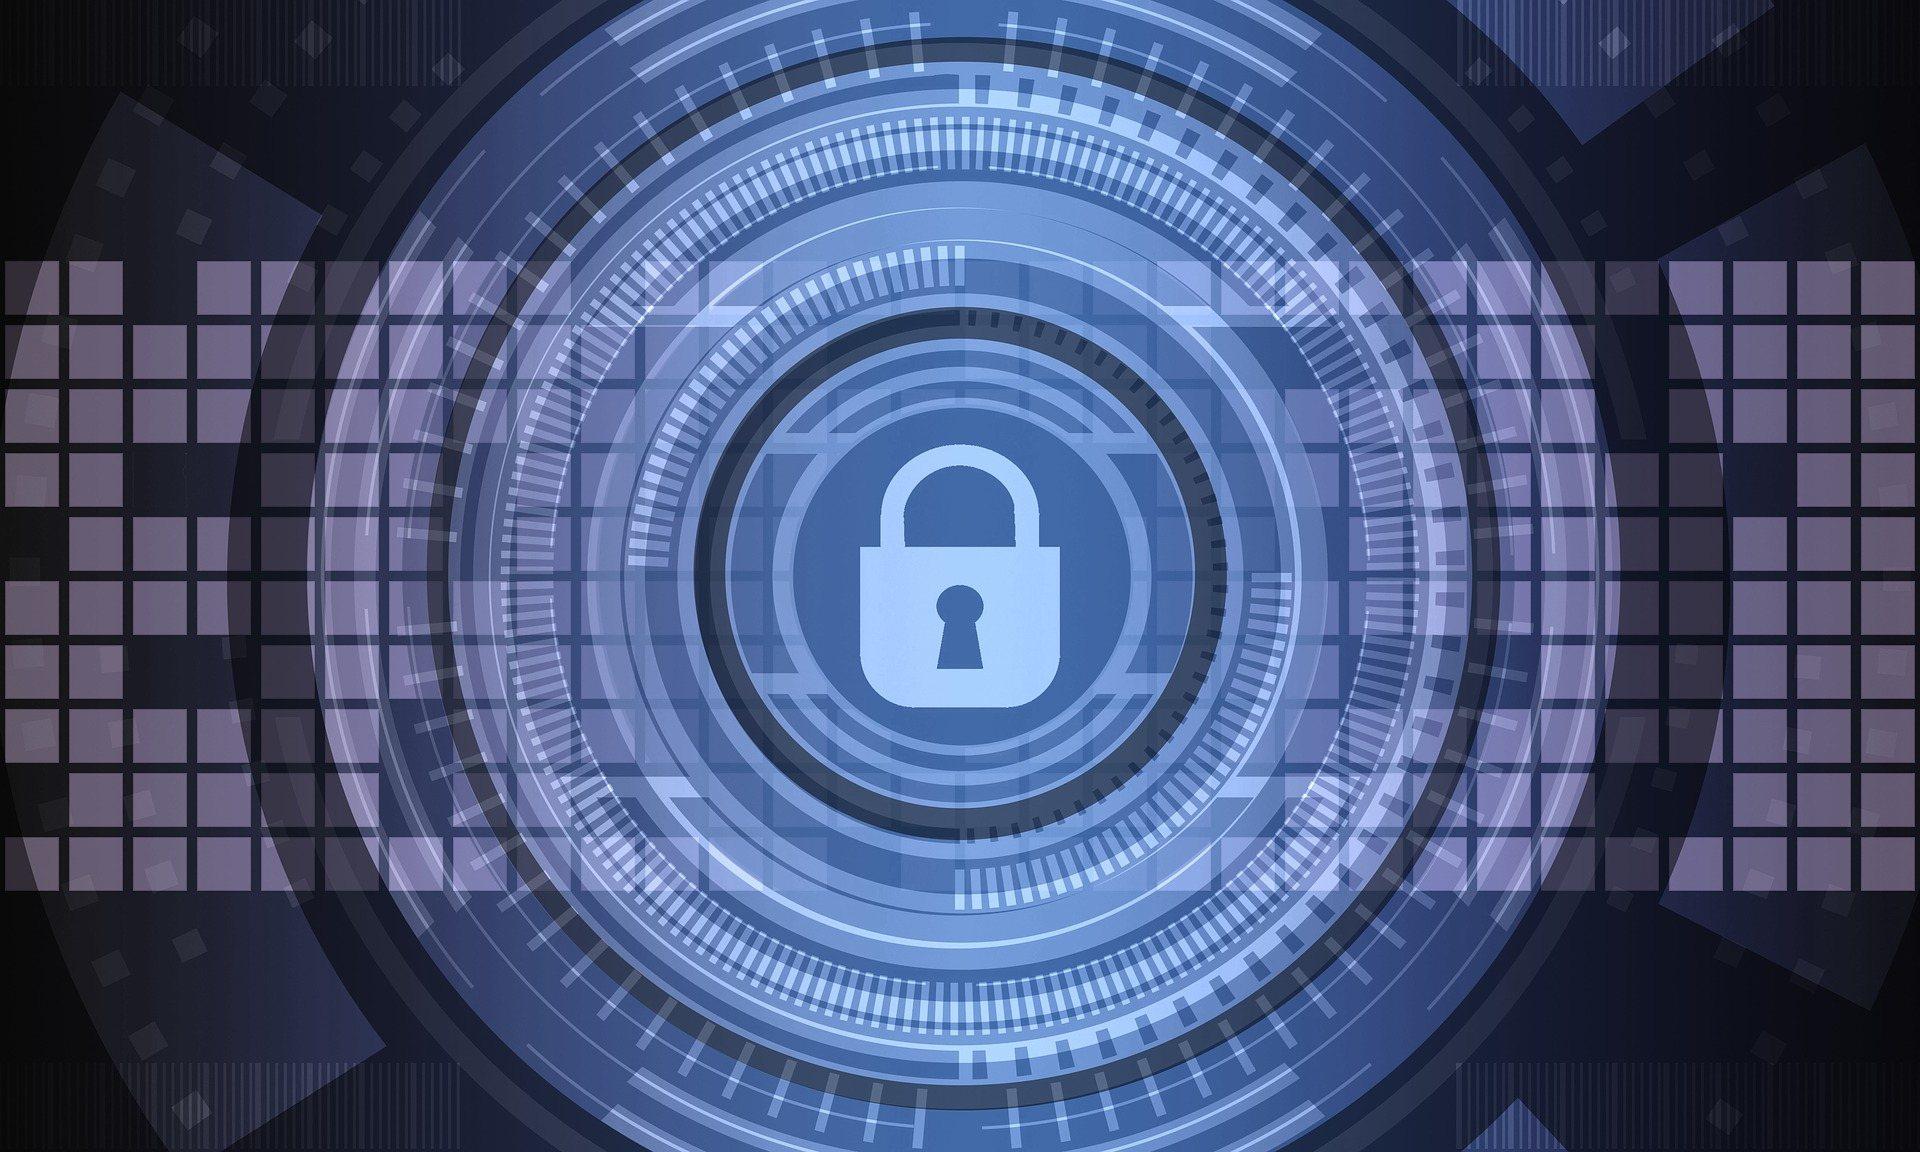 Kodėl kibernetinis saugumas yra svarbi mūsų kasdienybės dalis: ekspertų perspėjimai apie tykančius pavojus elektroninėje erdvėje ir patarimai, kaip jų išvengti